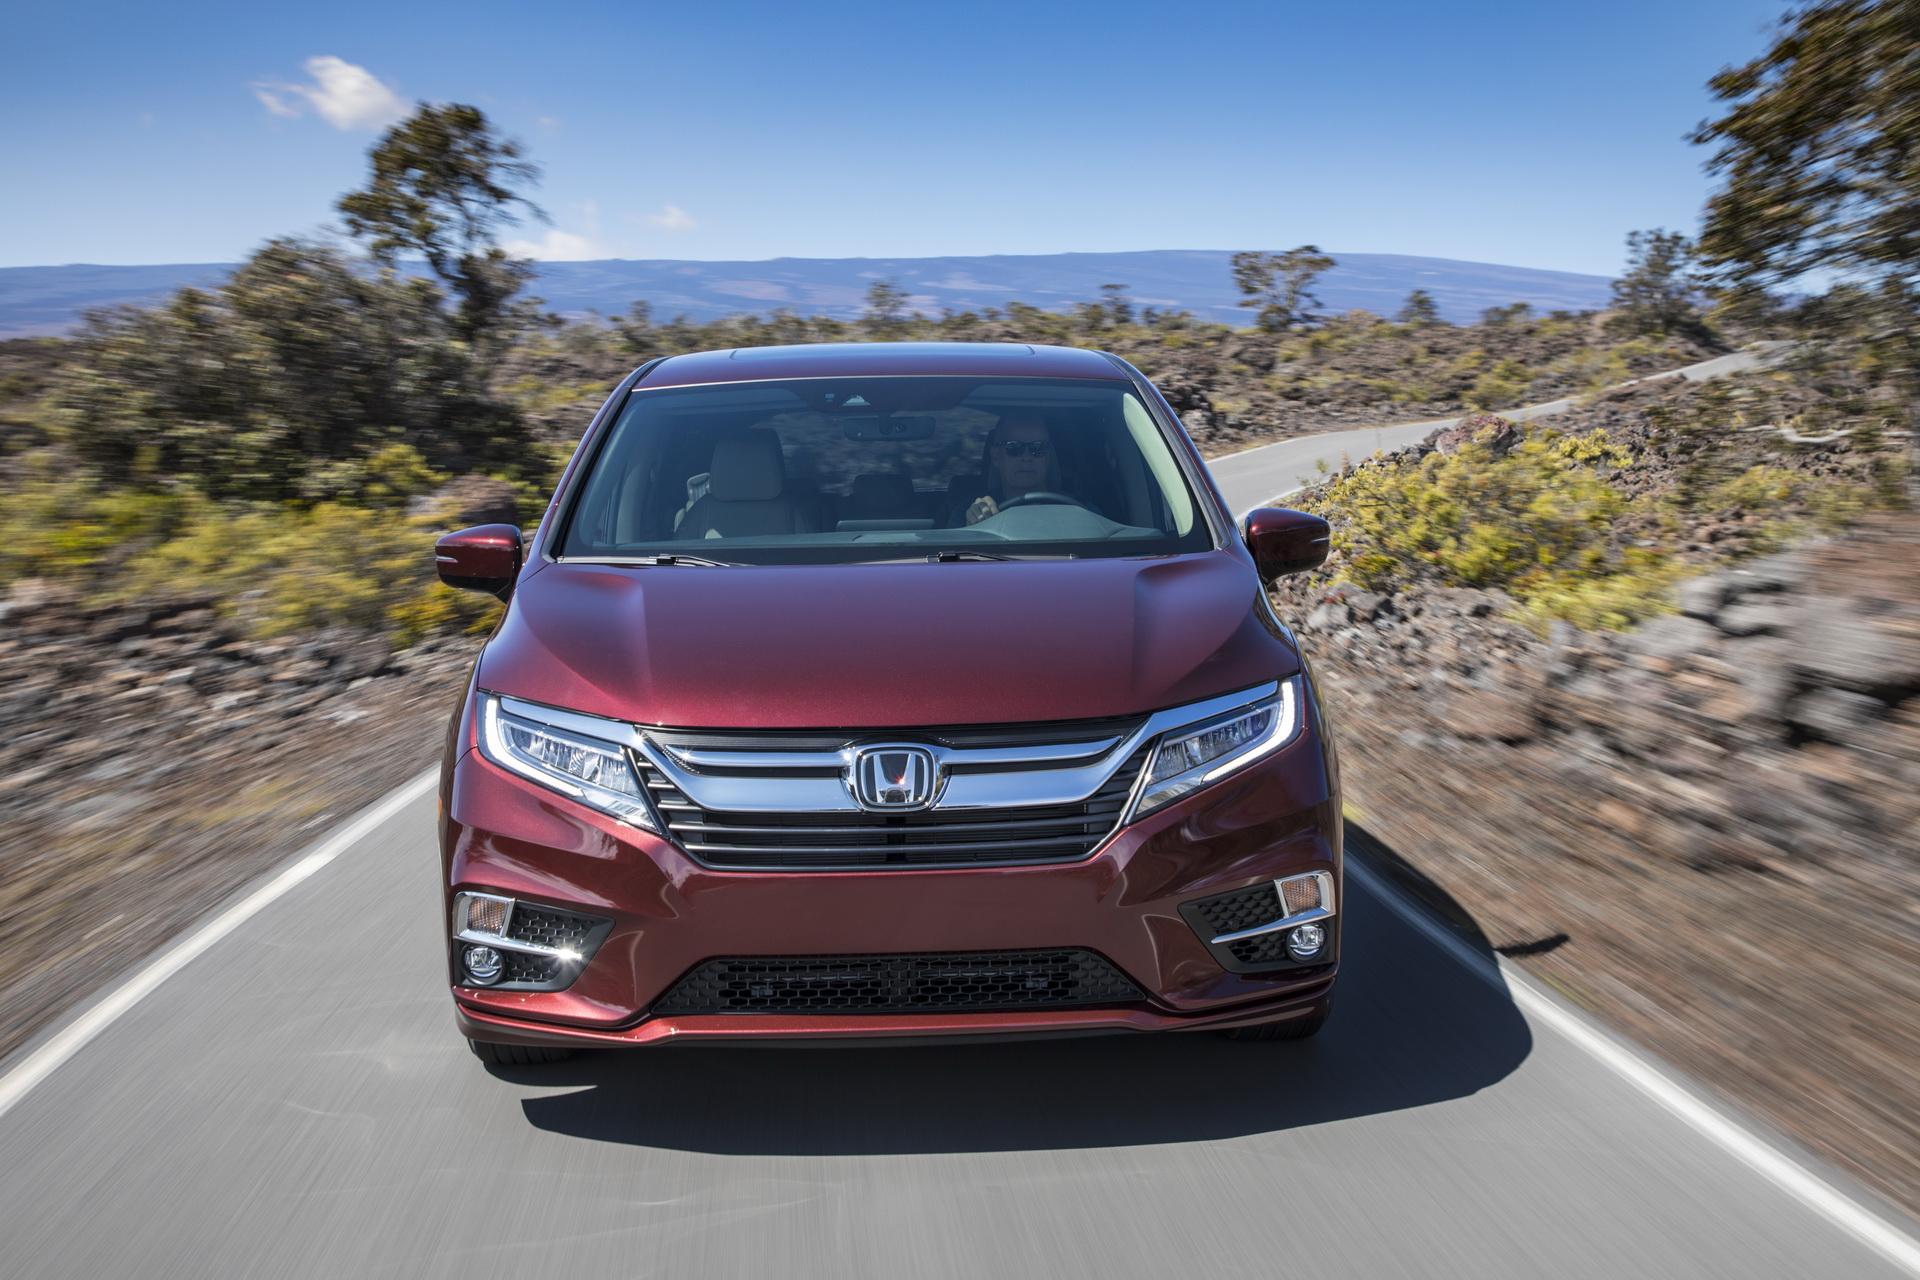 Honda Odyssey 2020 phiên bản đặc biệt nâng cấp - 26